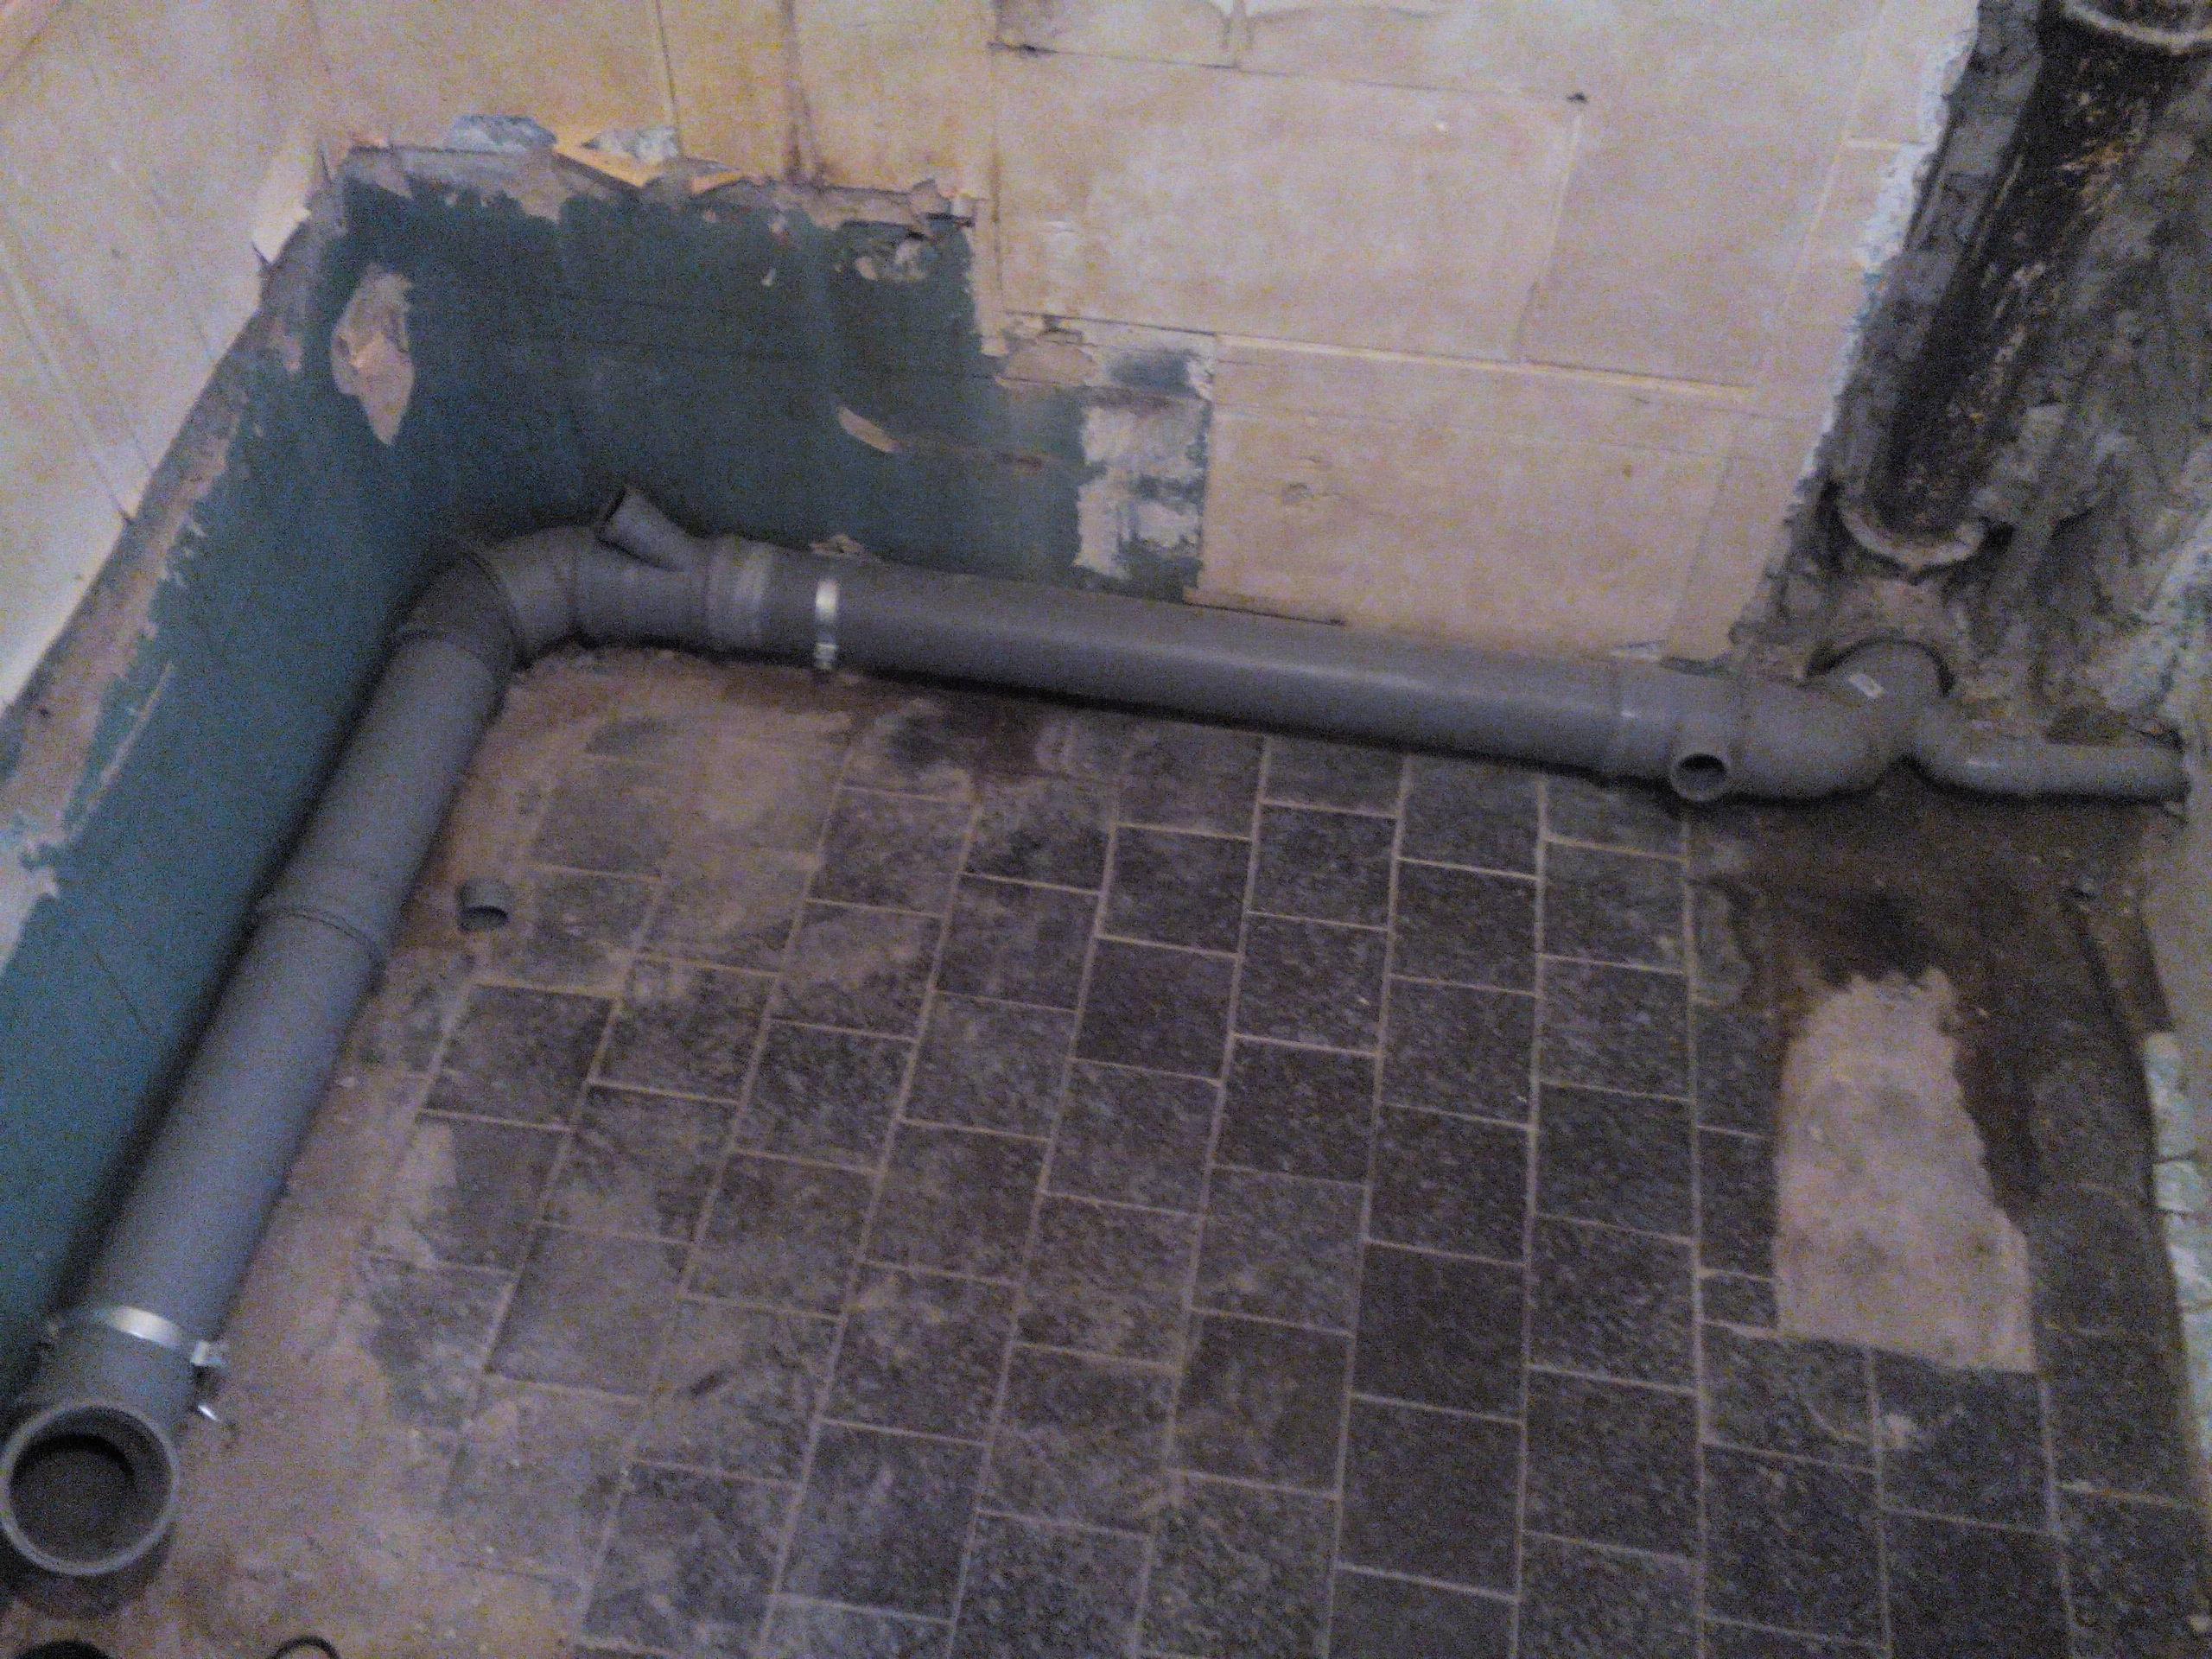 монтаж канализации, замена канализации Борисполь, прокладка стояка Борисполь, услуги вызвать мастера